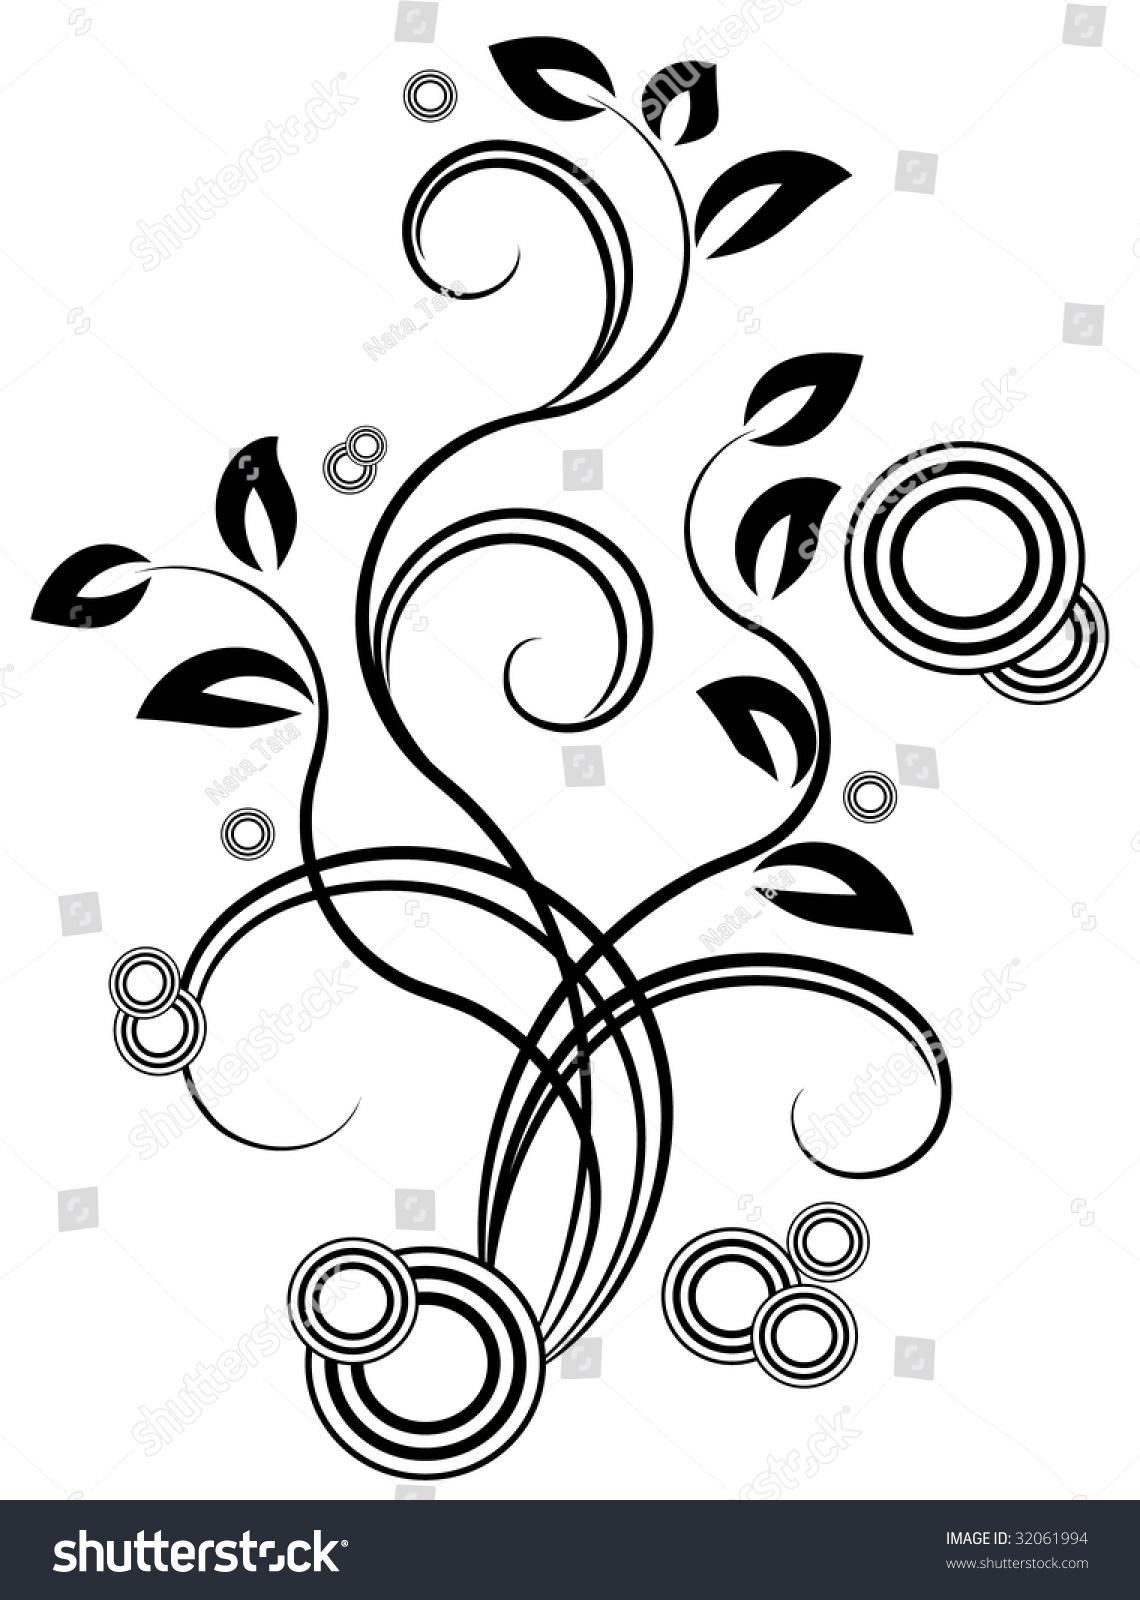 简笔画 设计 矢量 矢量图 手绘 素材 线稿 1140_1600 竖版 竖屏